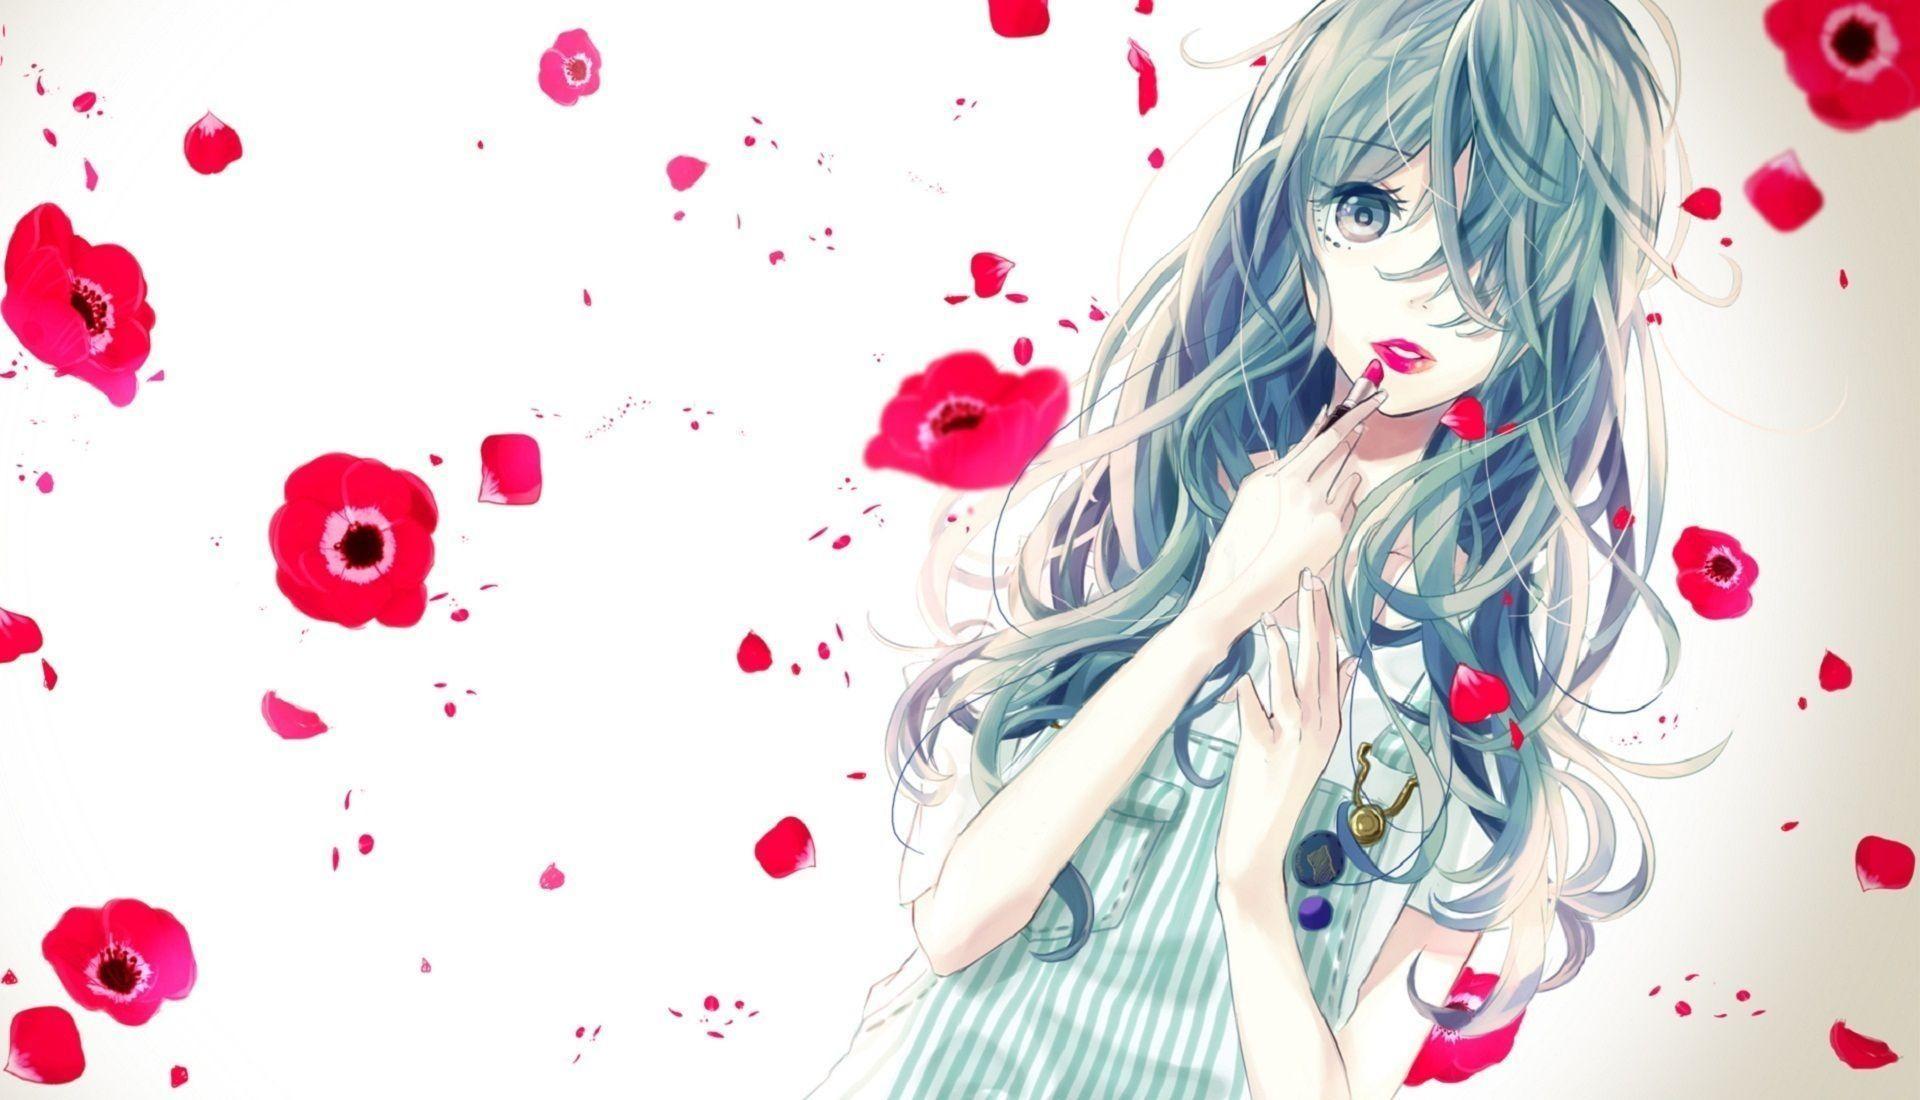 Kawaii Anime wallpapers - HD wallpaper